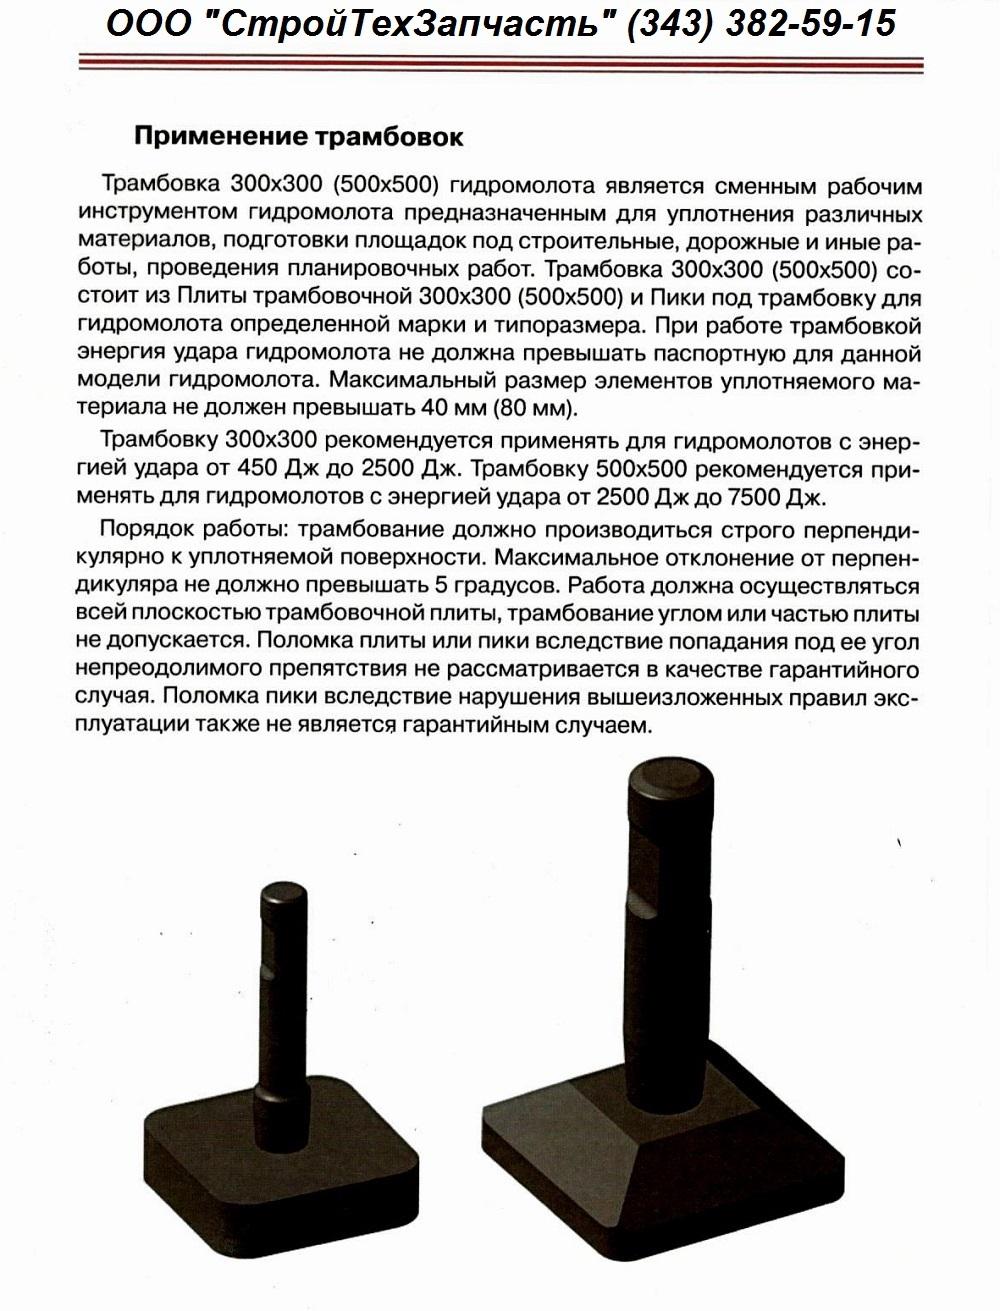 Трамбовка arrowhead s 60 terex txh 1100 купить